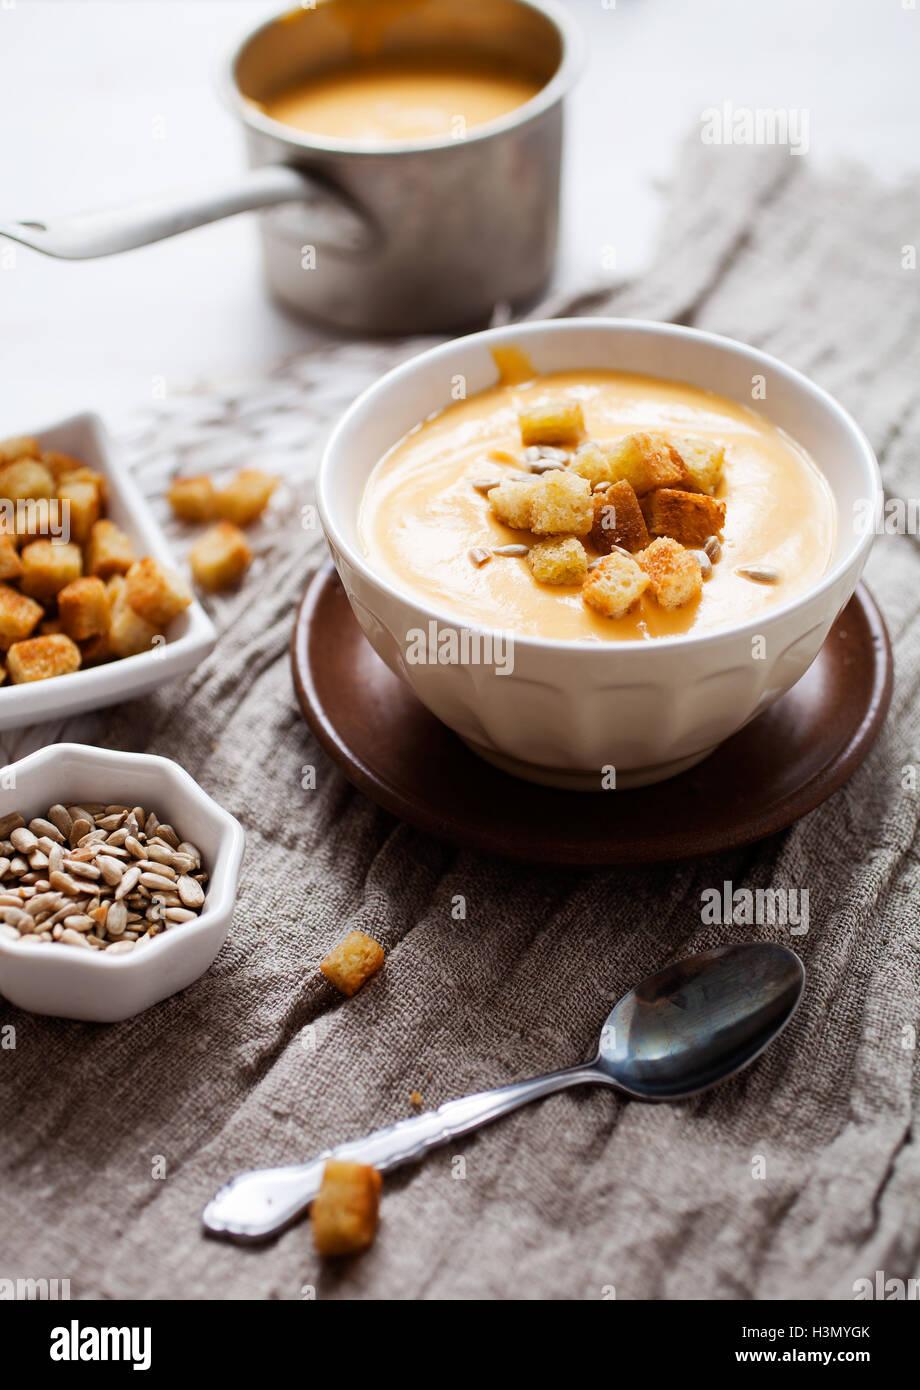 Soupe aux patates douces, carottes et noix de coco Photo Stock